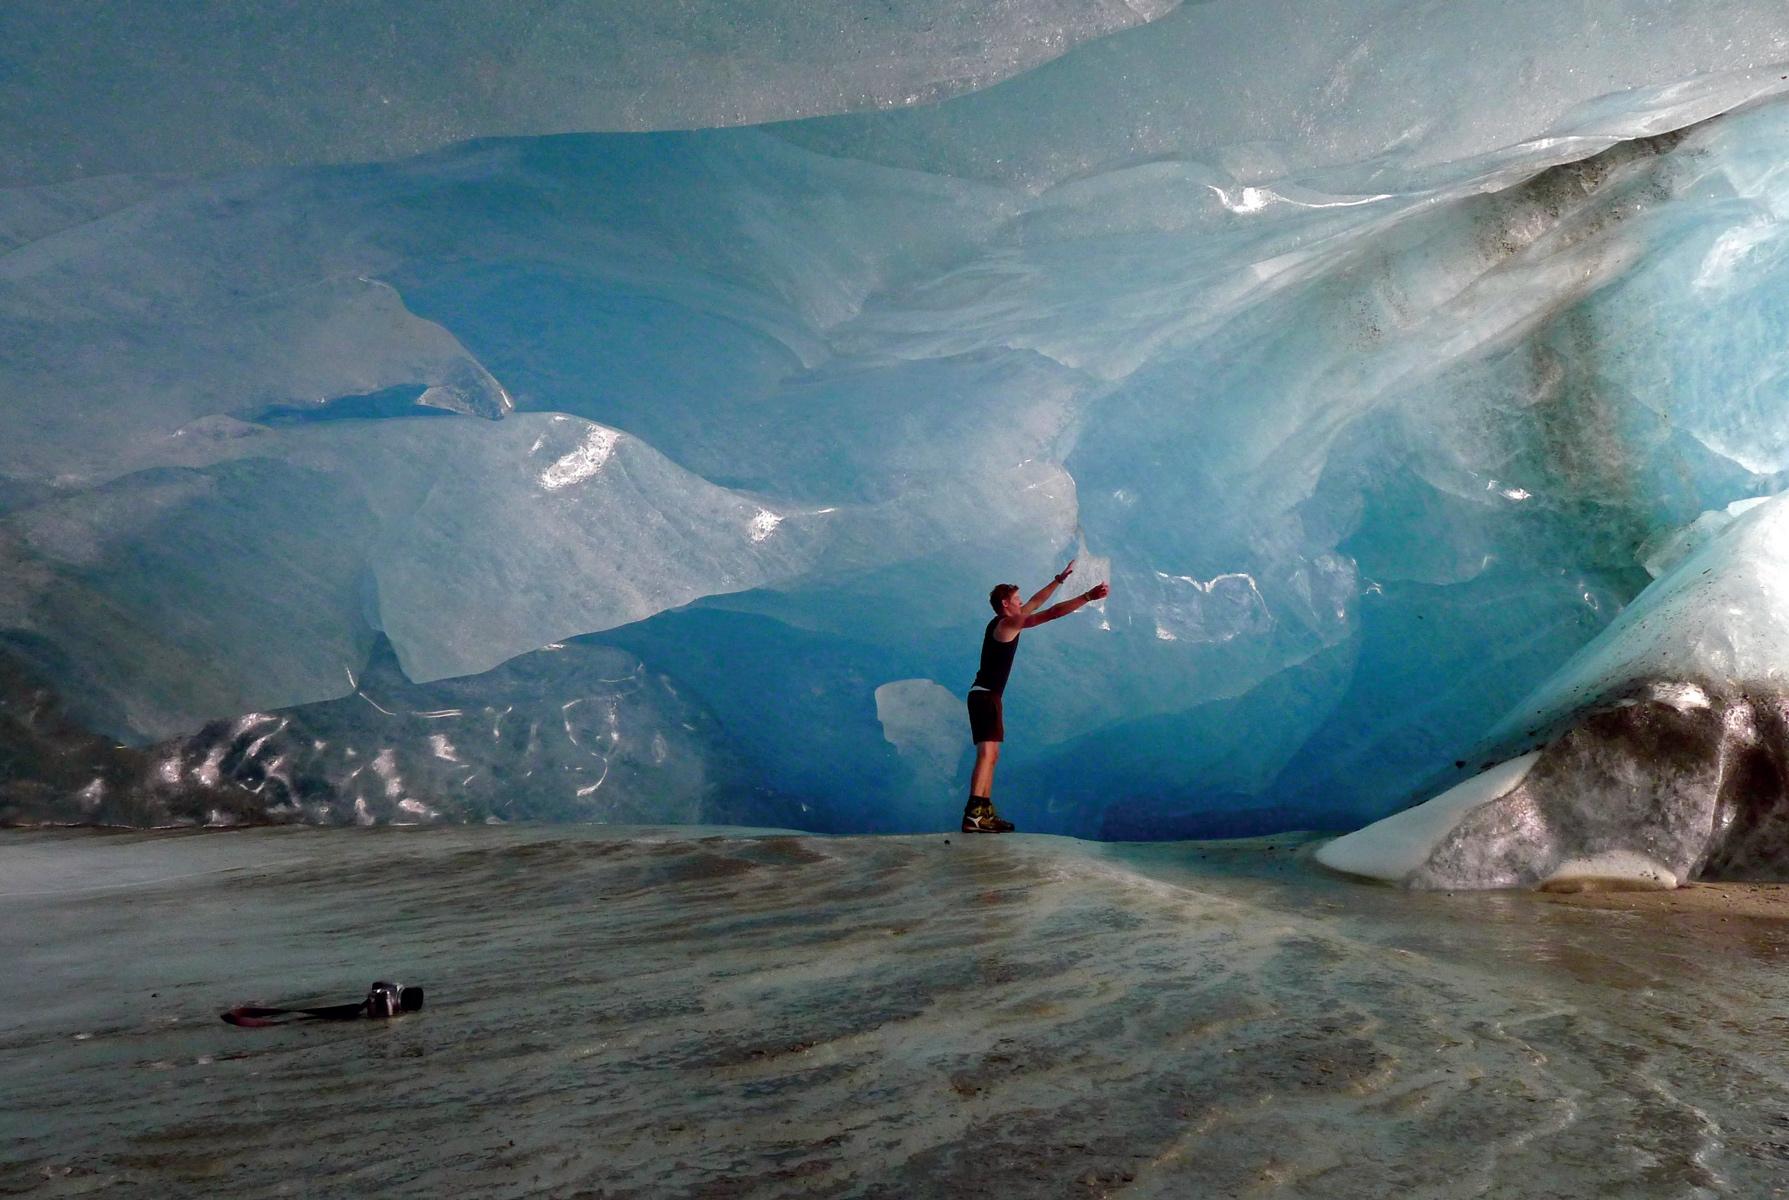 Faszination Gletscher: 2003 ging das Umbalkees 83 Meter zurück. Langzeitstudien und Massenbilanzen lassen uns Vorgänge verstehen © © Nationalpark Hohe Tauern: Martin Daniel Egger, Nationalpark Hohe Tauern: Martin Lugger